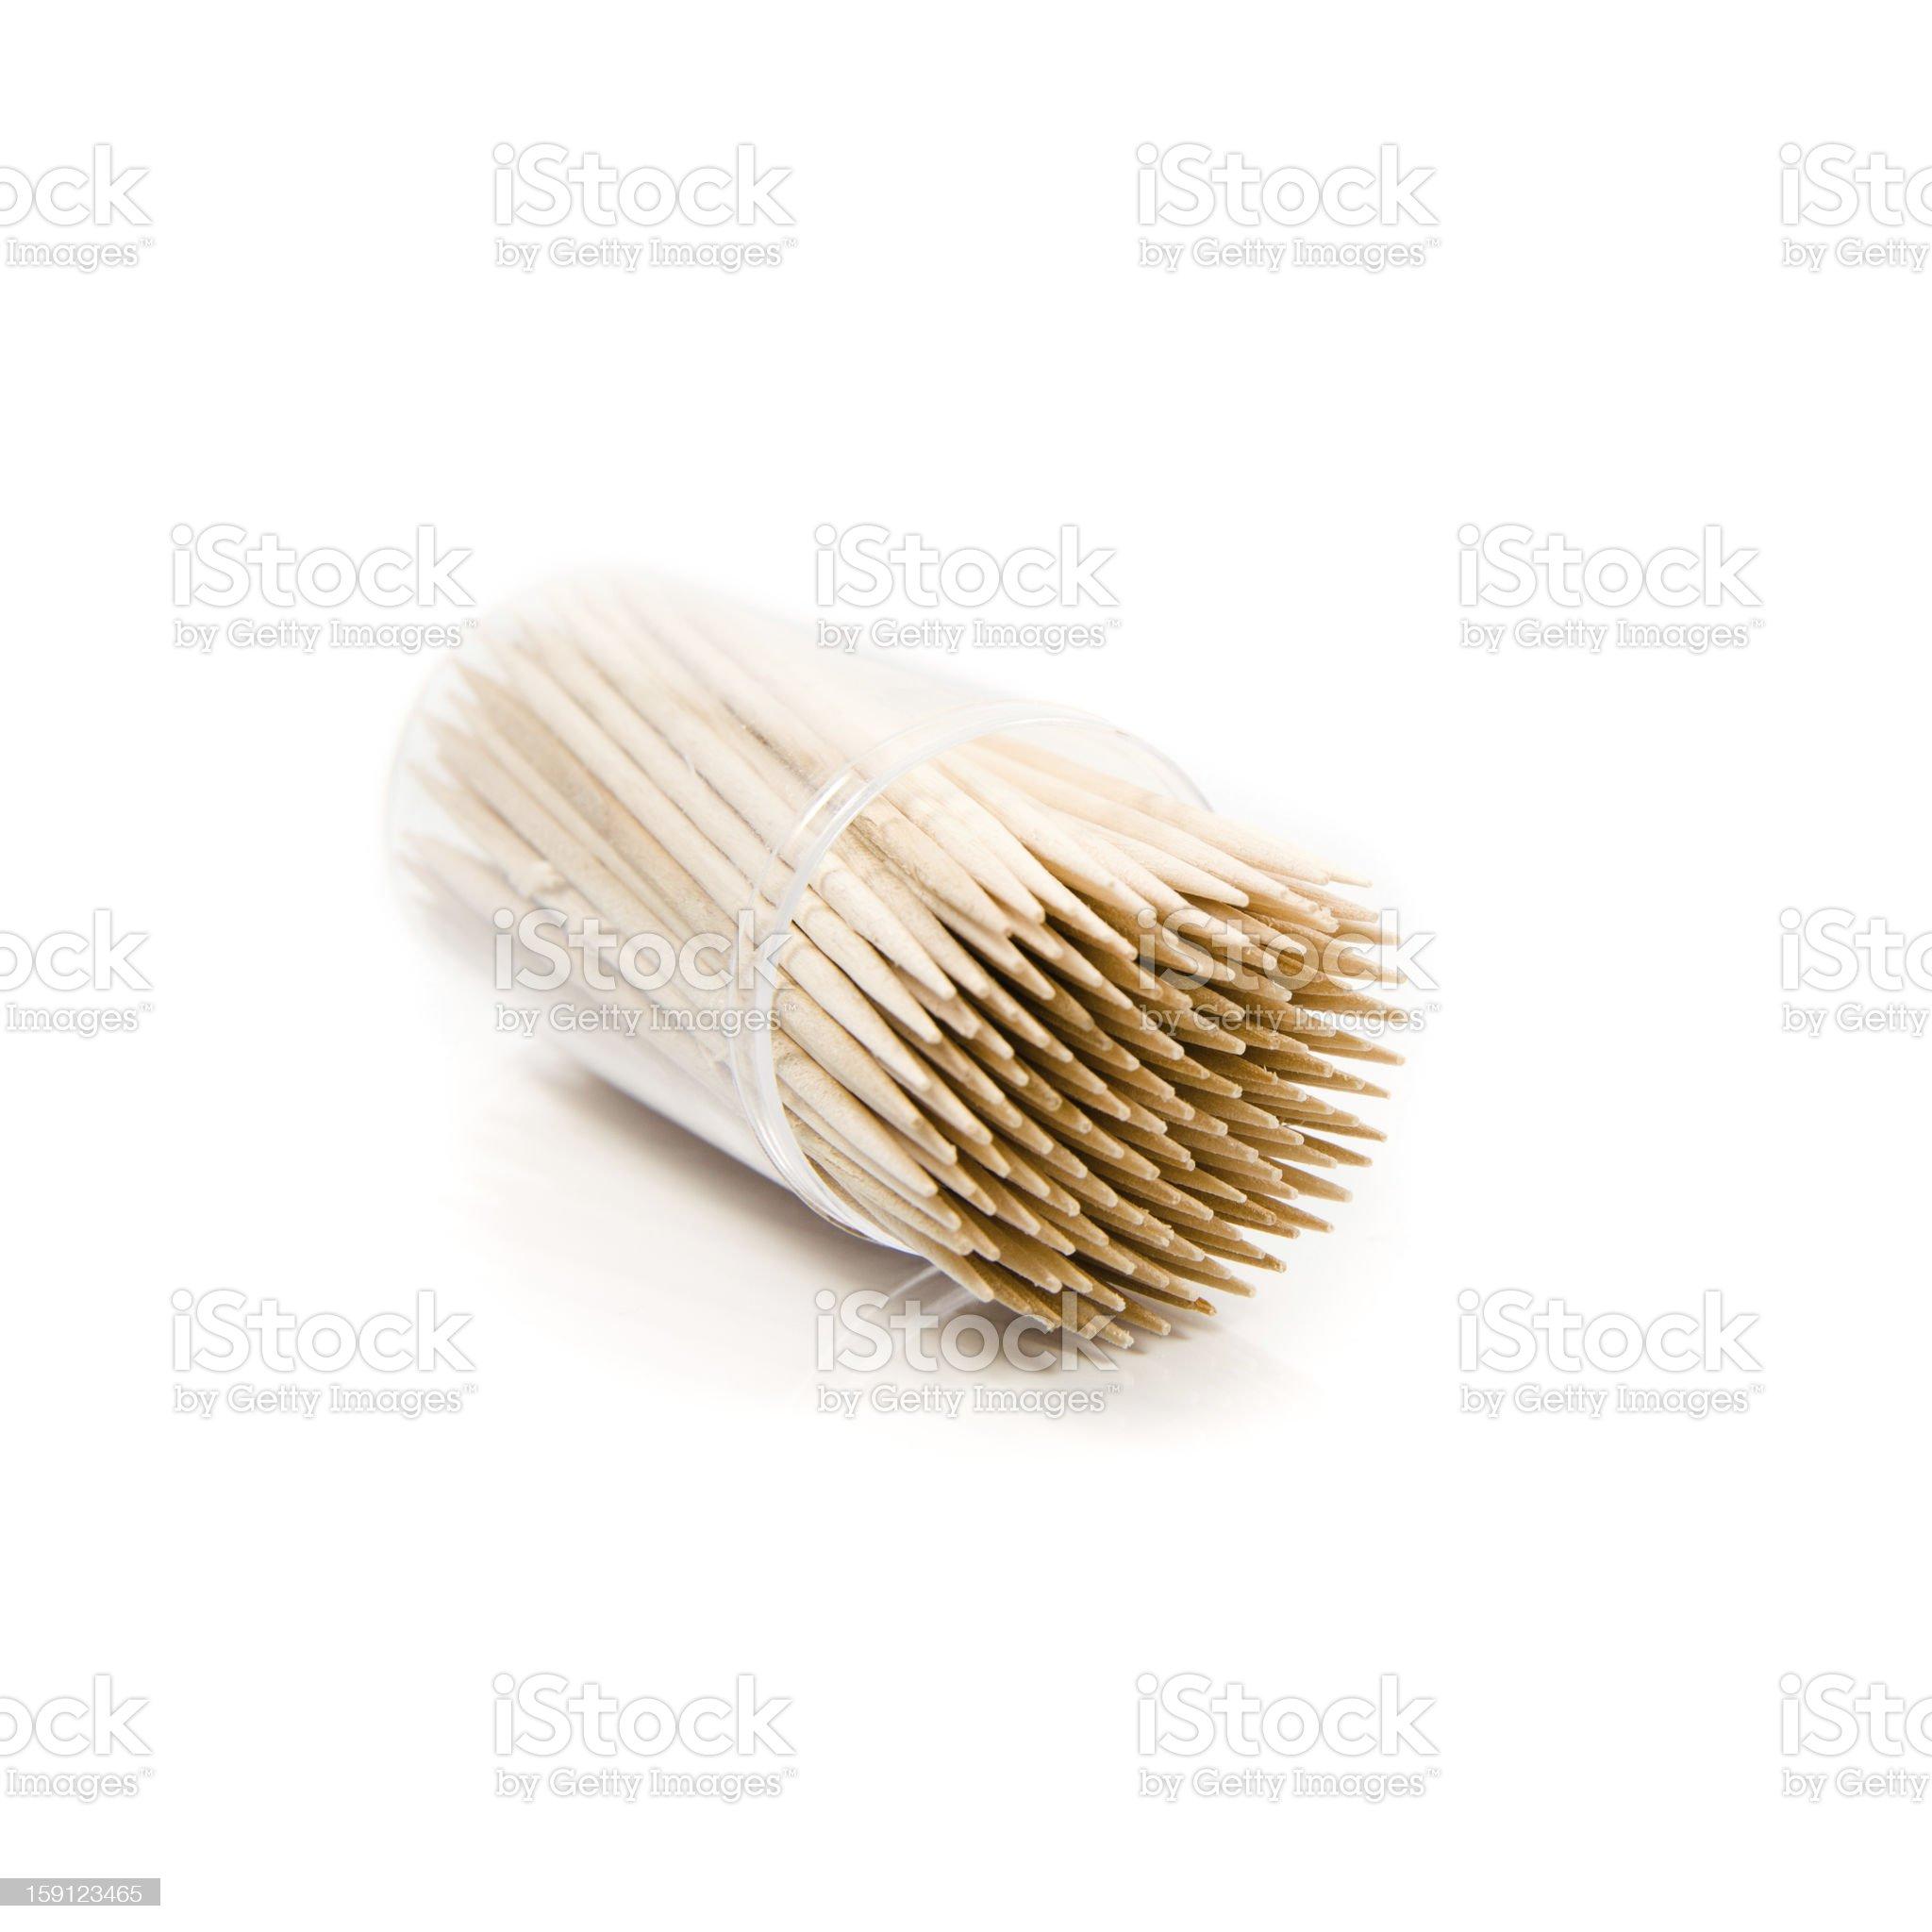 toothpicks royalty-free stock photo